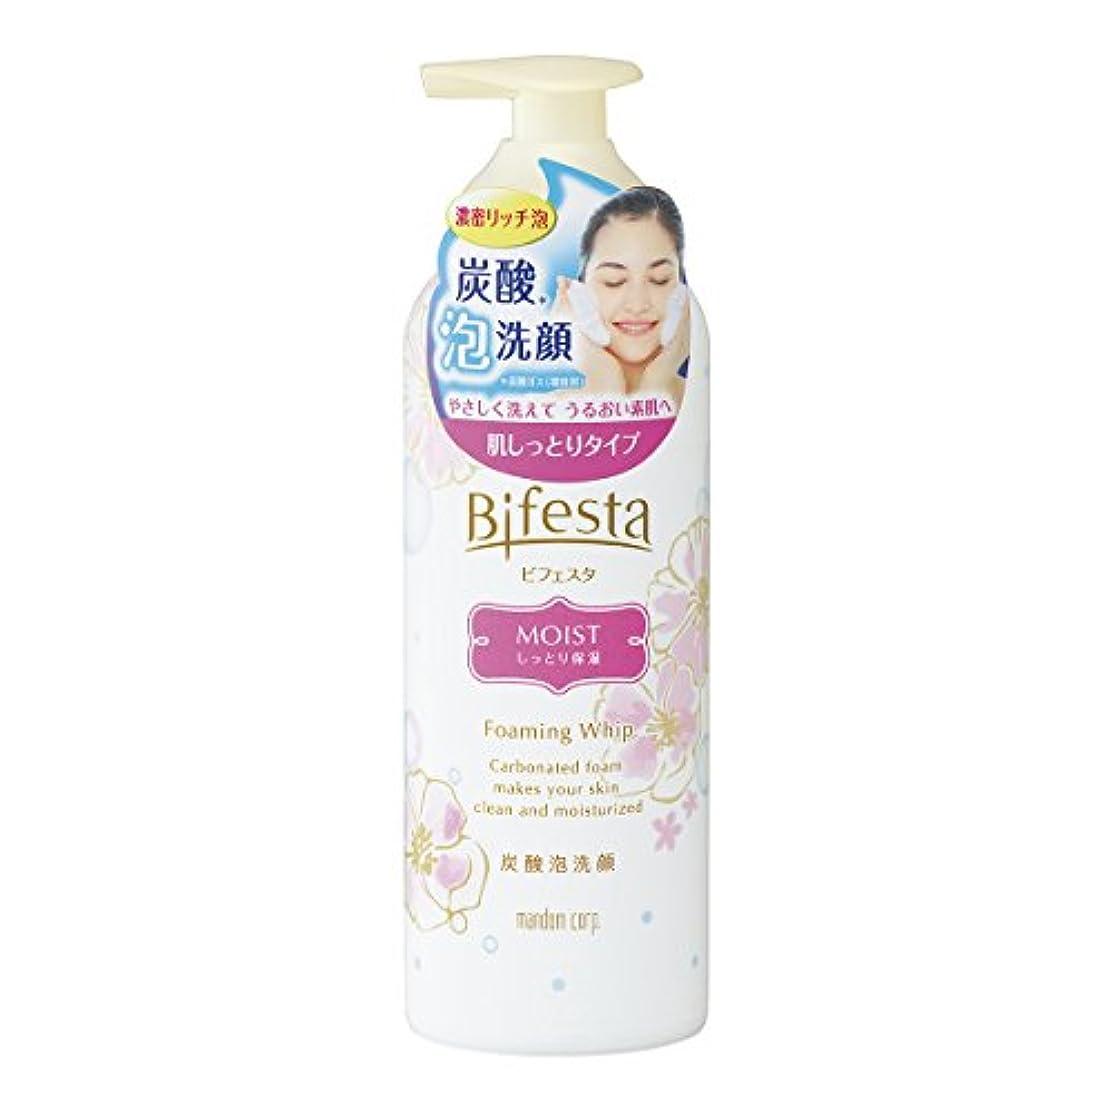 簡単に願望プロポーショナルビフェスタ 泡洗顔 モイスト 180g